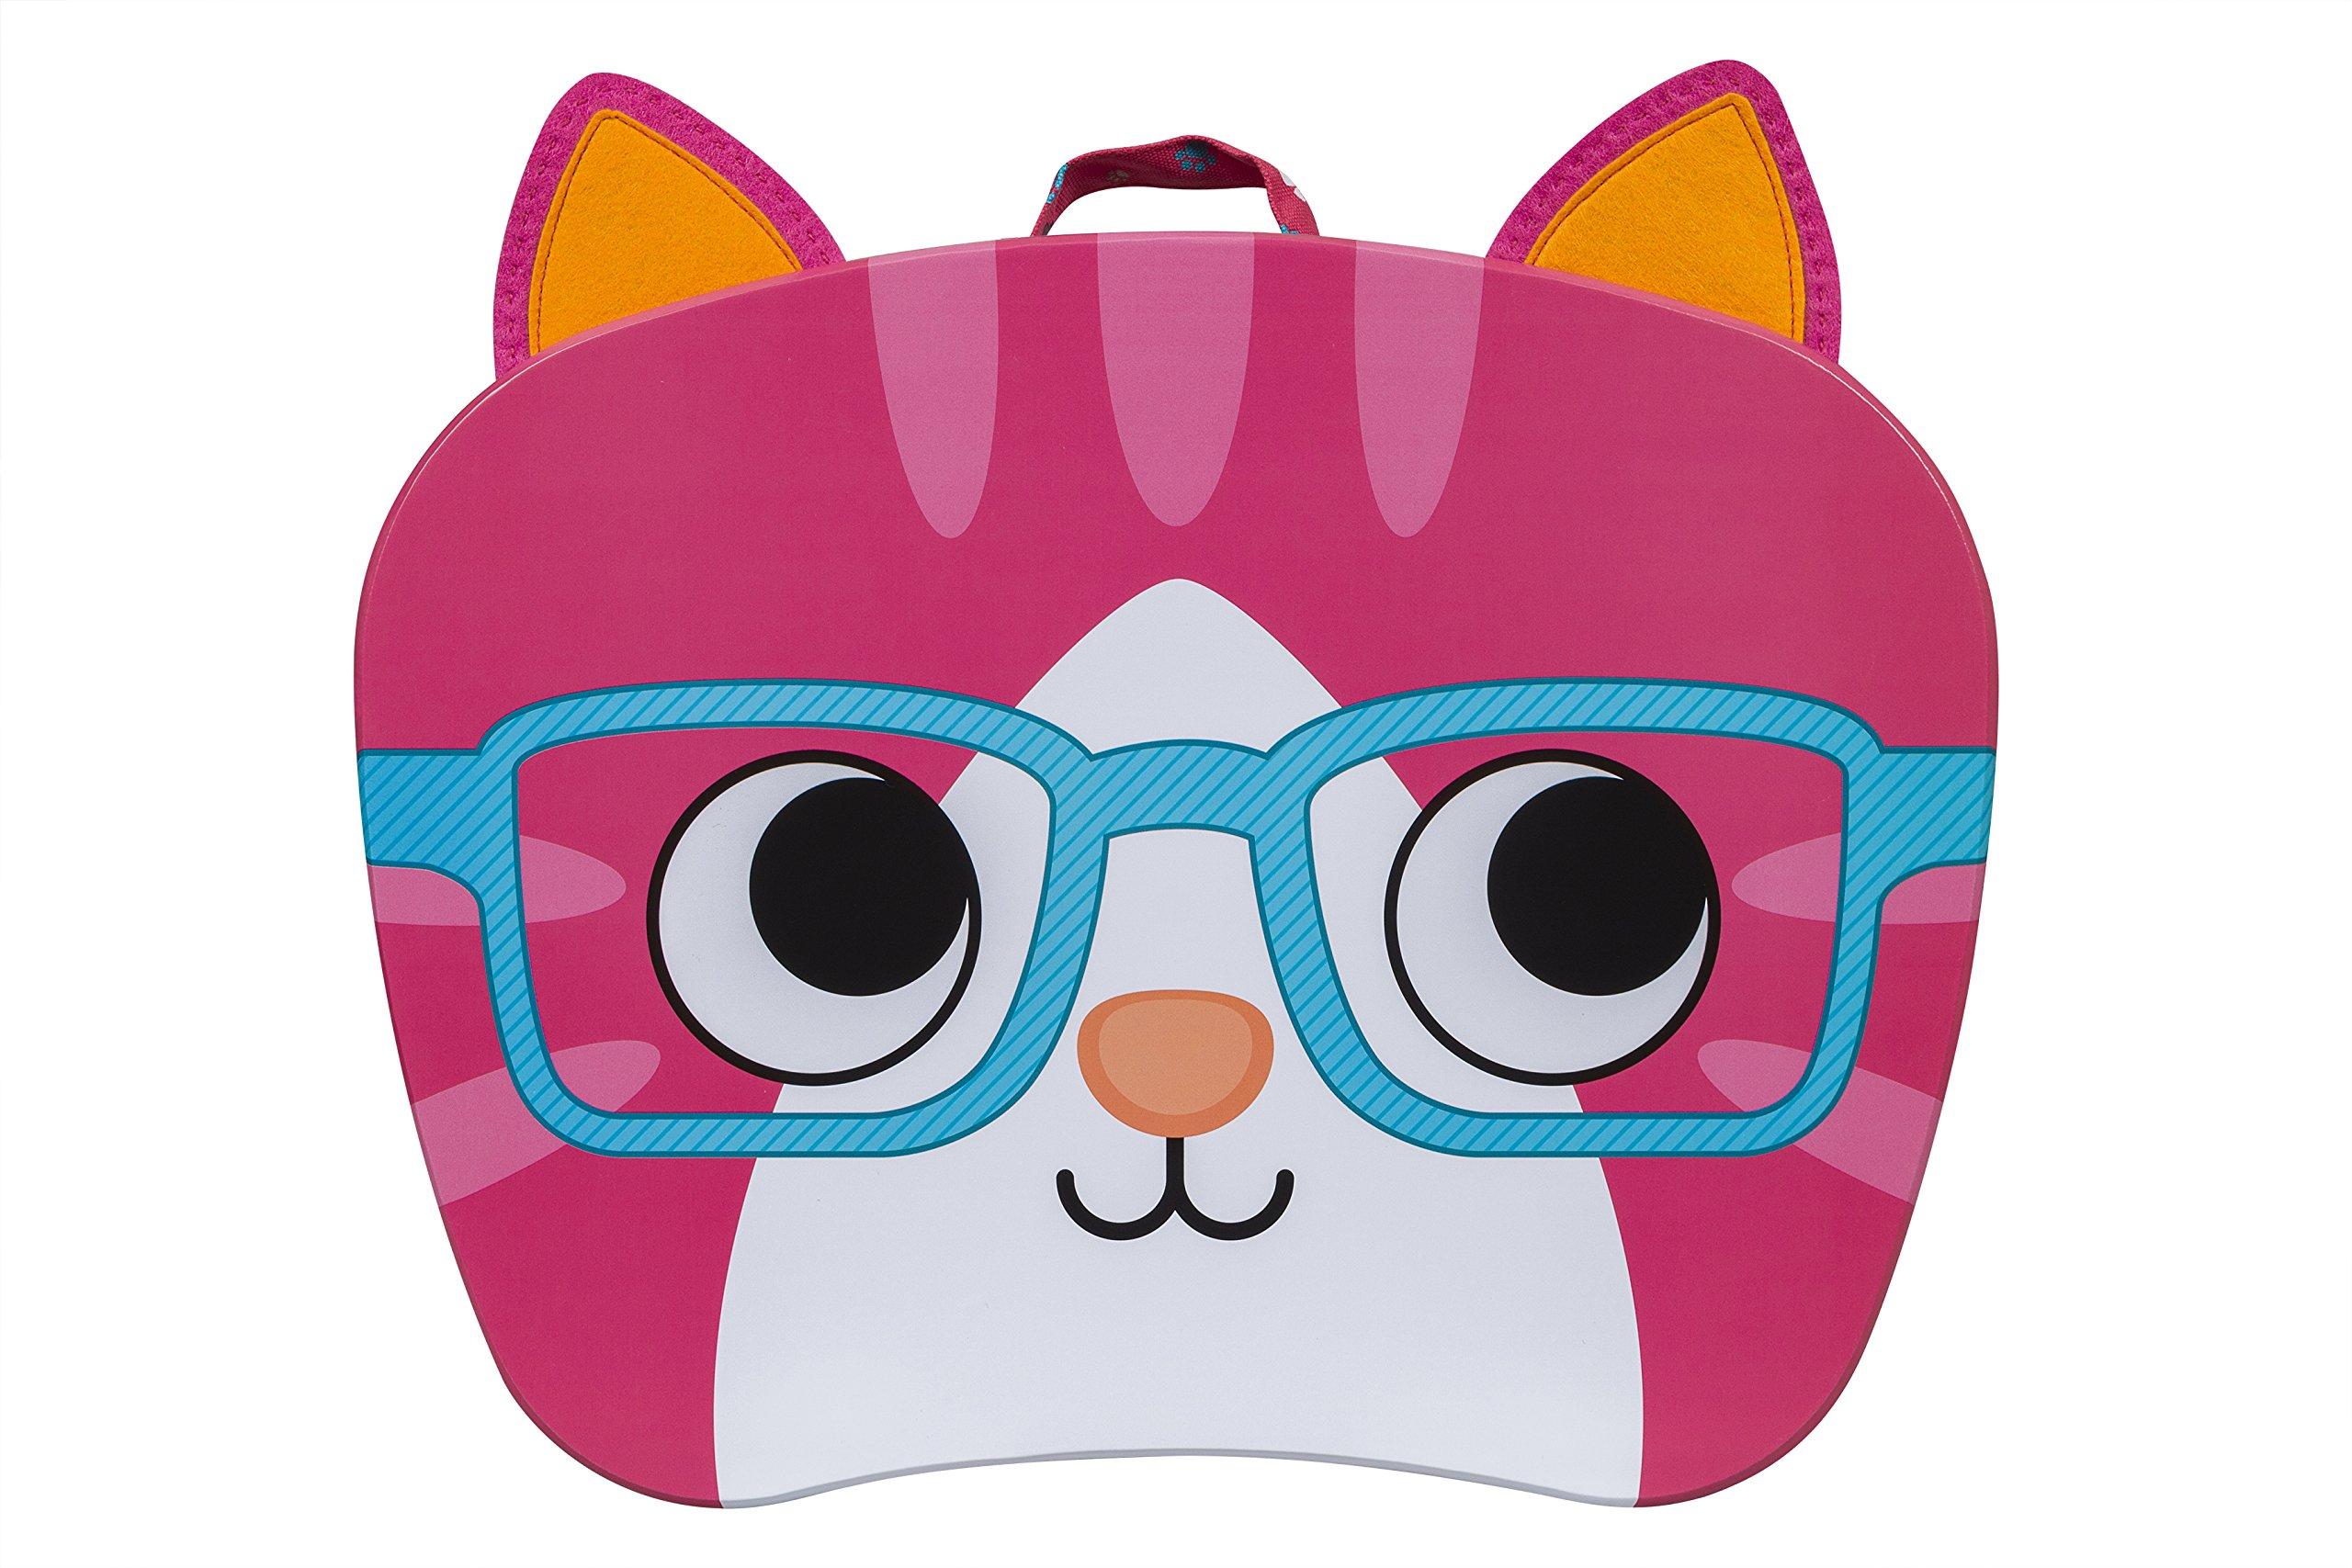 LapGear Lap Pets Lap Desk for Kids - Cat (Fits up to 15'' Laptop) by Lap Desk (Image #1)